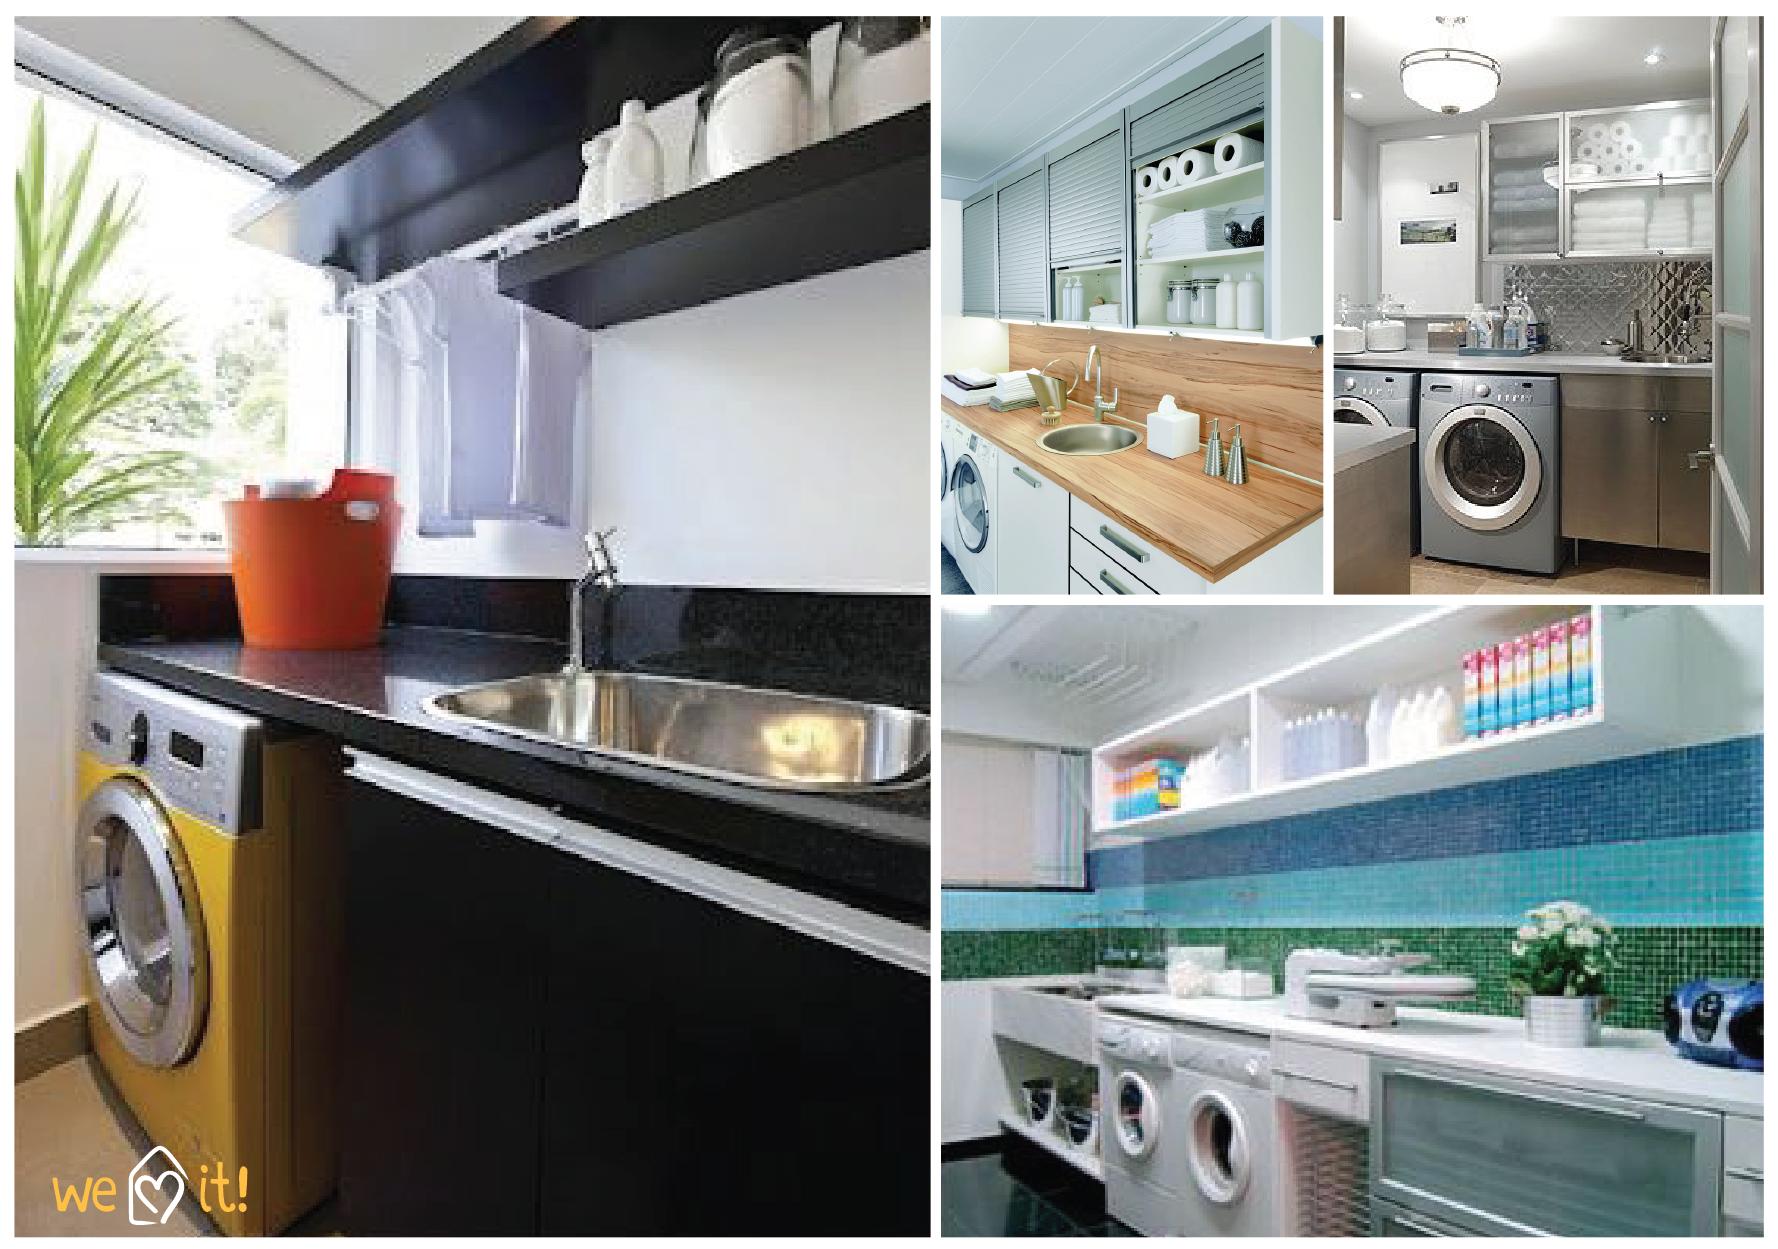 Casa das amigas inspira o lavanderia casa das amigas - Lavanderia in casa ...